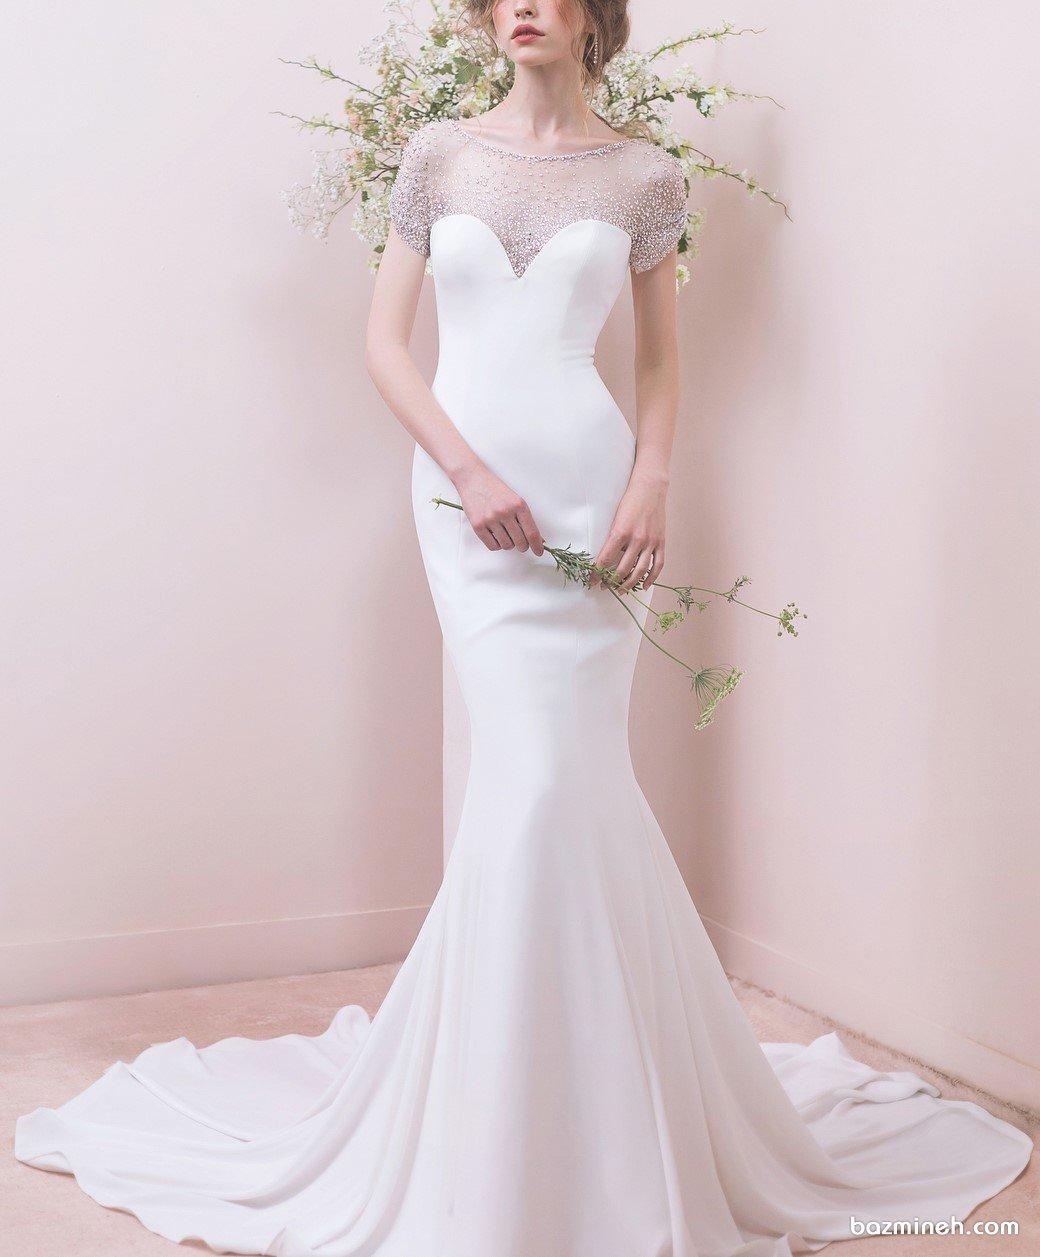 لباس عروس یونیک با دامن مدل ماهی دنباله دار مناسب برای عروس خانمهای لاغر اندام